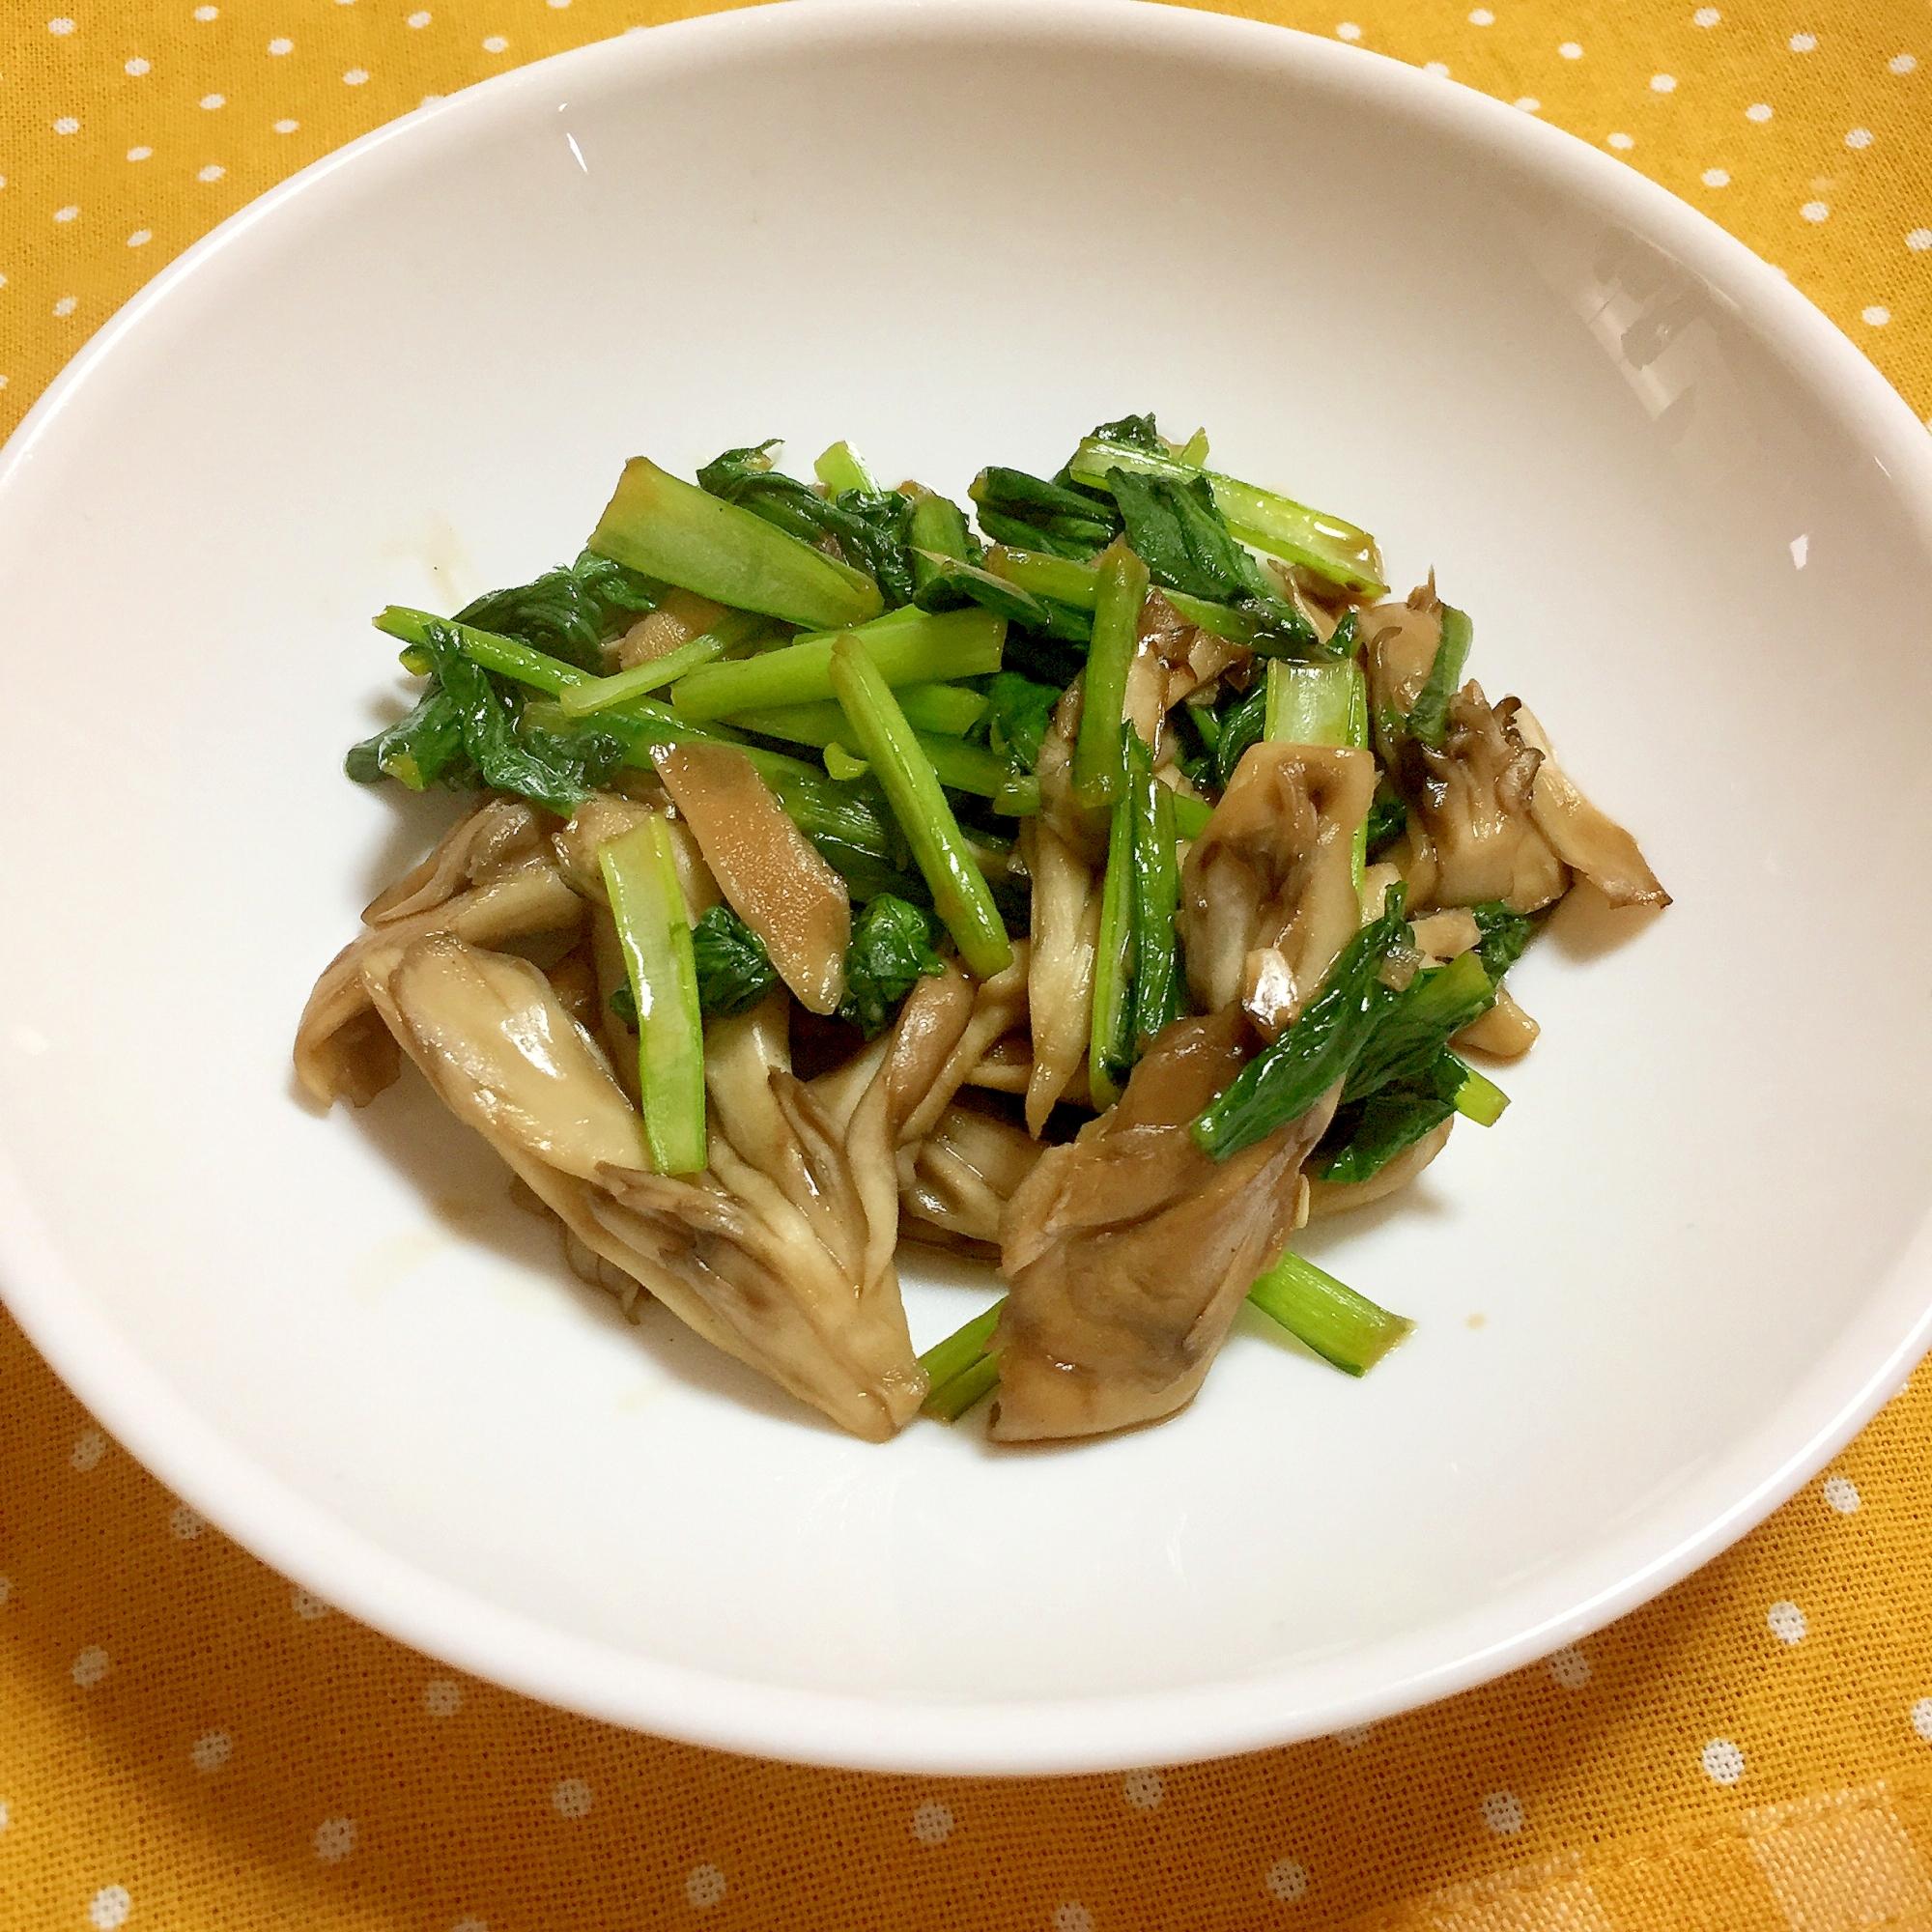 5分でできる!小松菜と舞茸のオイスターソース炒め♪ レシピ・作り方